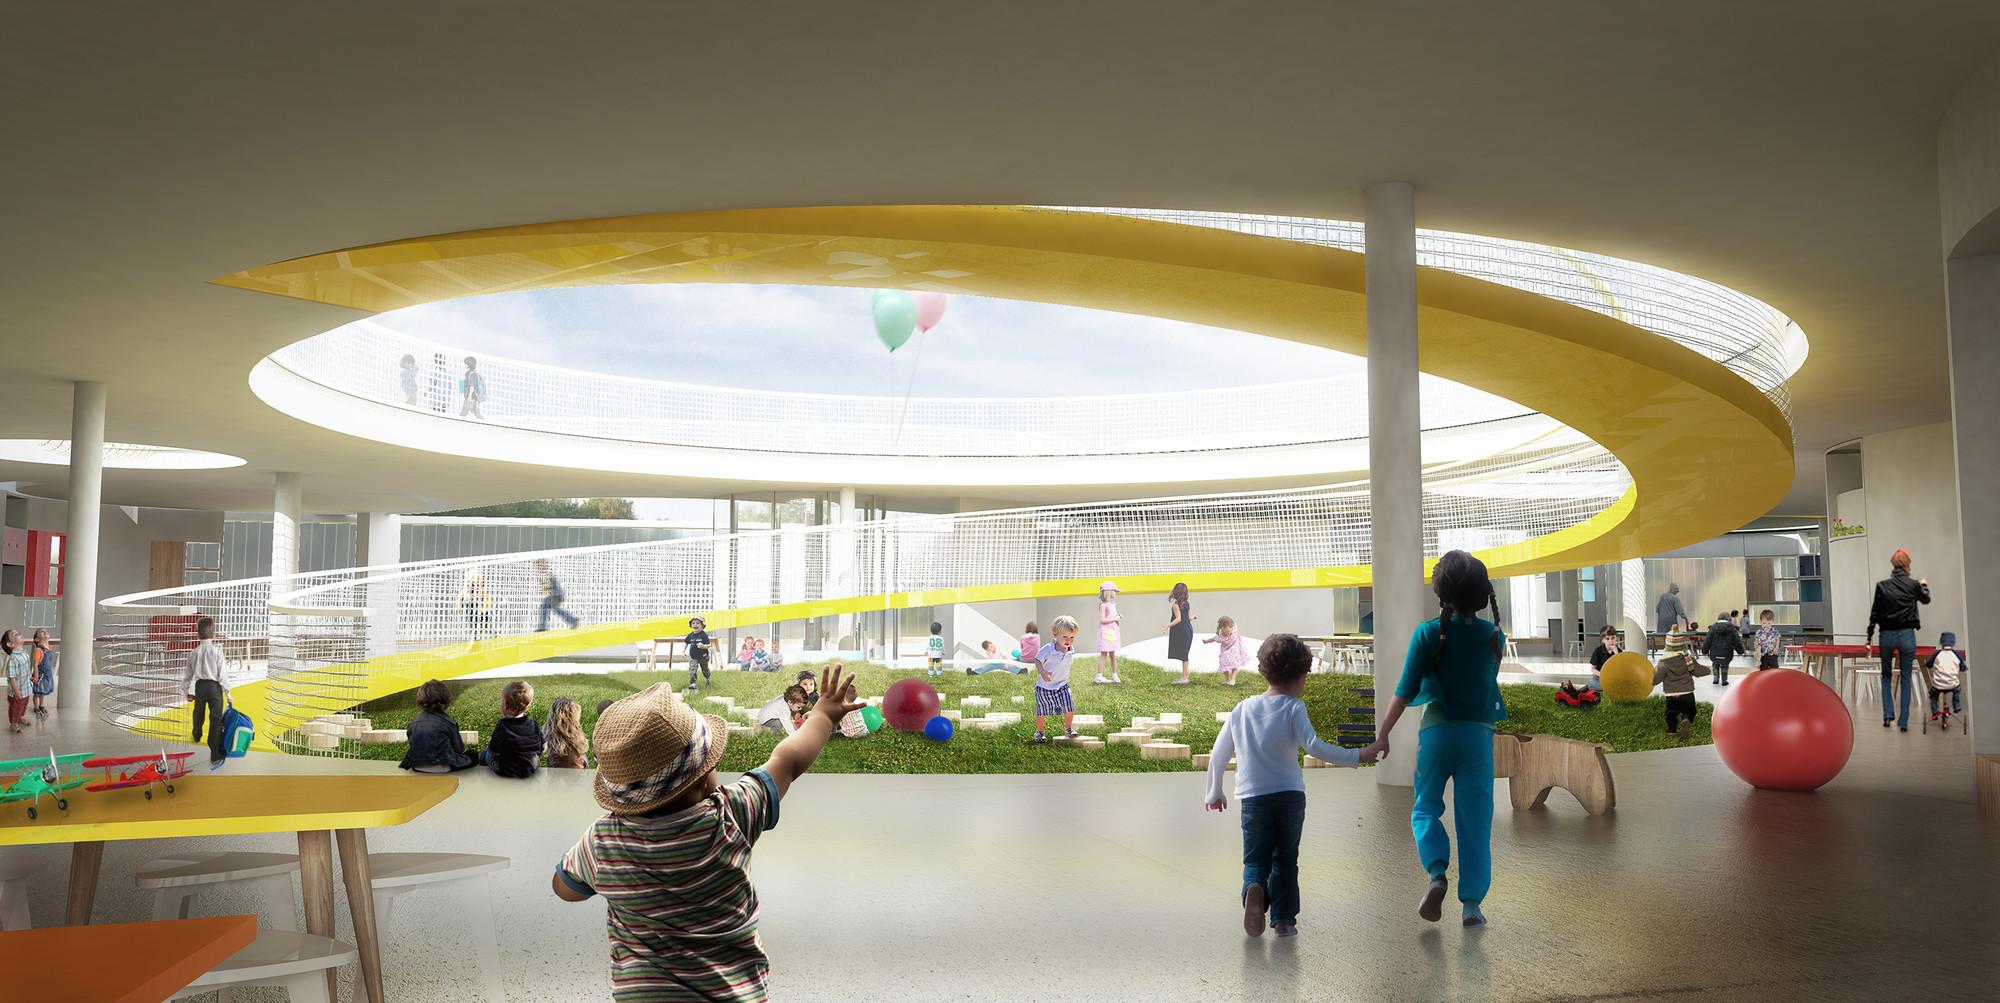 Fp arquitectura primer lugar en concurso ambientes de aprendizaje del siglo xxi jard n - Casa para jardin infantil ...